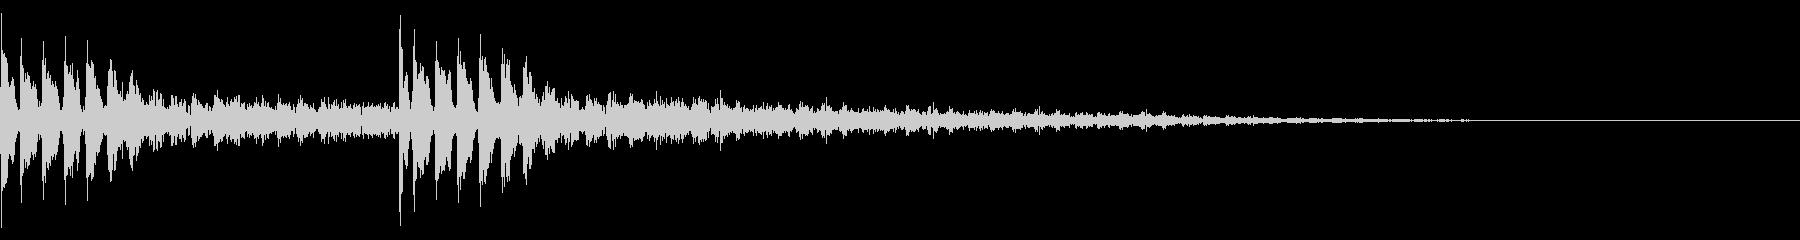 TVFX ビヨーンとヘンテコなSE 4の未再生の波形